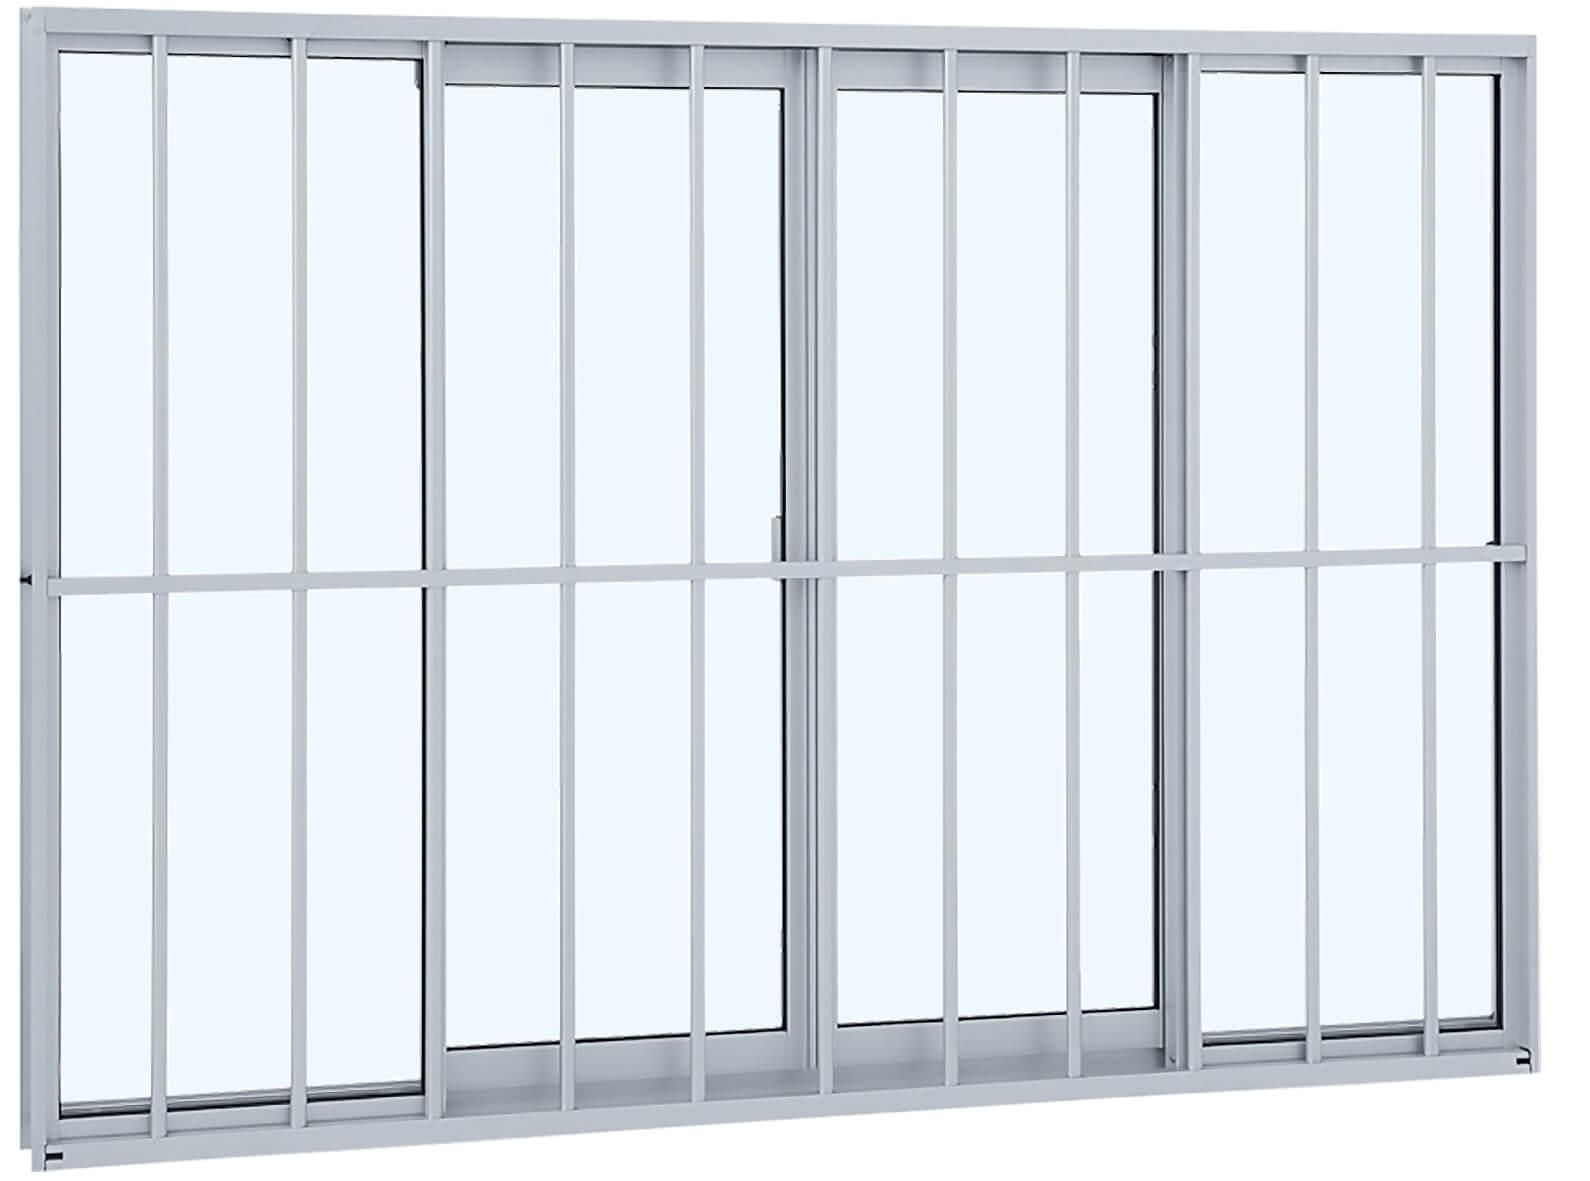 Alumifit Janela de Correr - 1.00x1.50x6.5 Ref. 78.10.601-8 Sasazaki